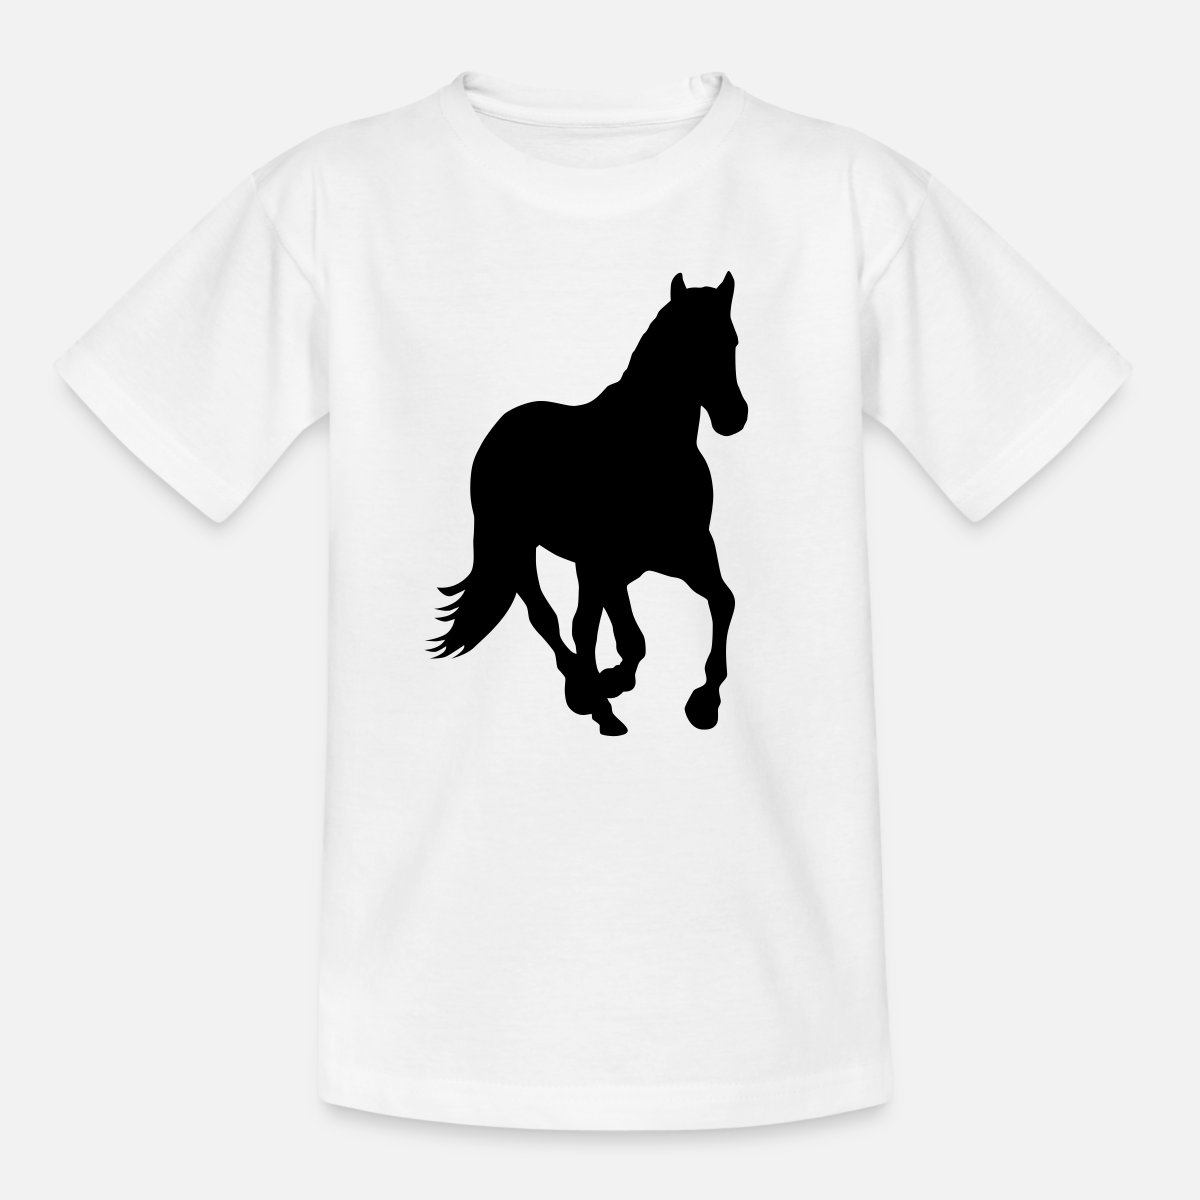 e0fcd9b0b Cheval poney cavalier sauvage T-shirt Ado - blanc